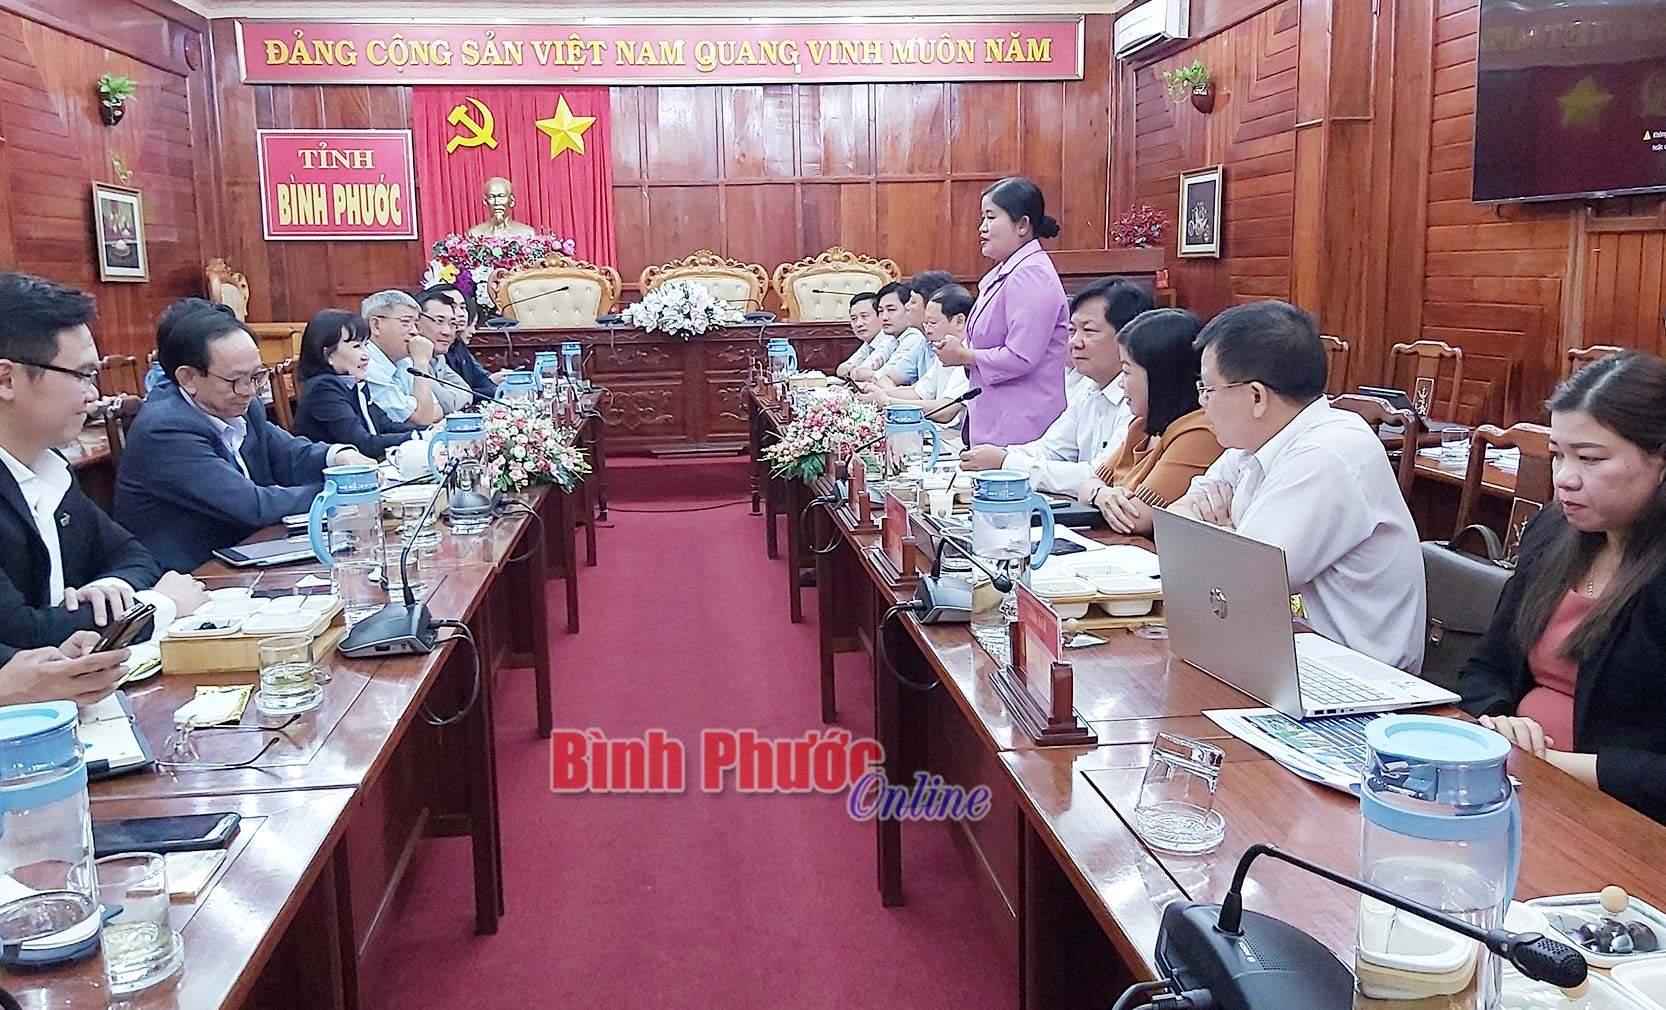 Tập đoàn TTC tìm hiểu cơ hội đầu tư tại Bình Phước